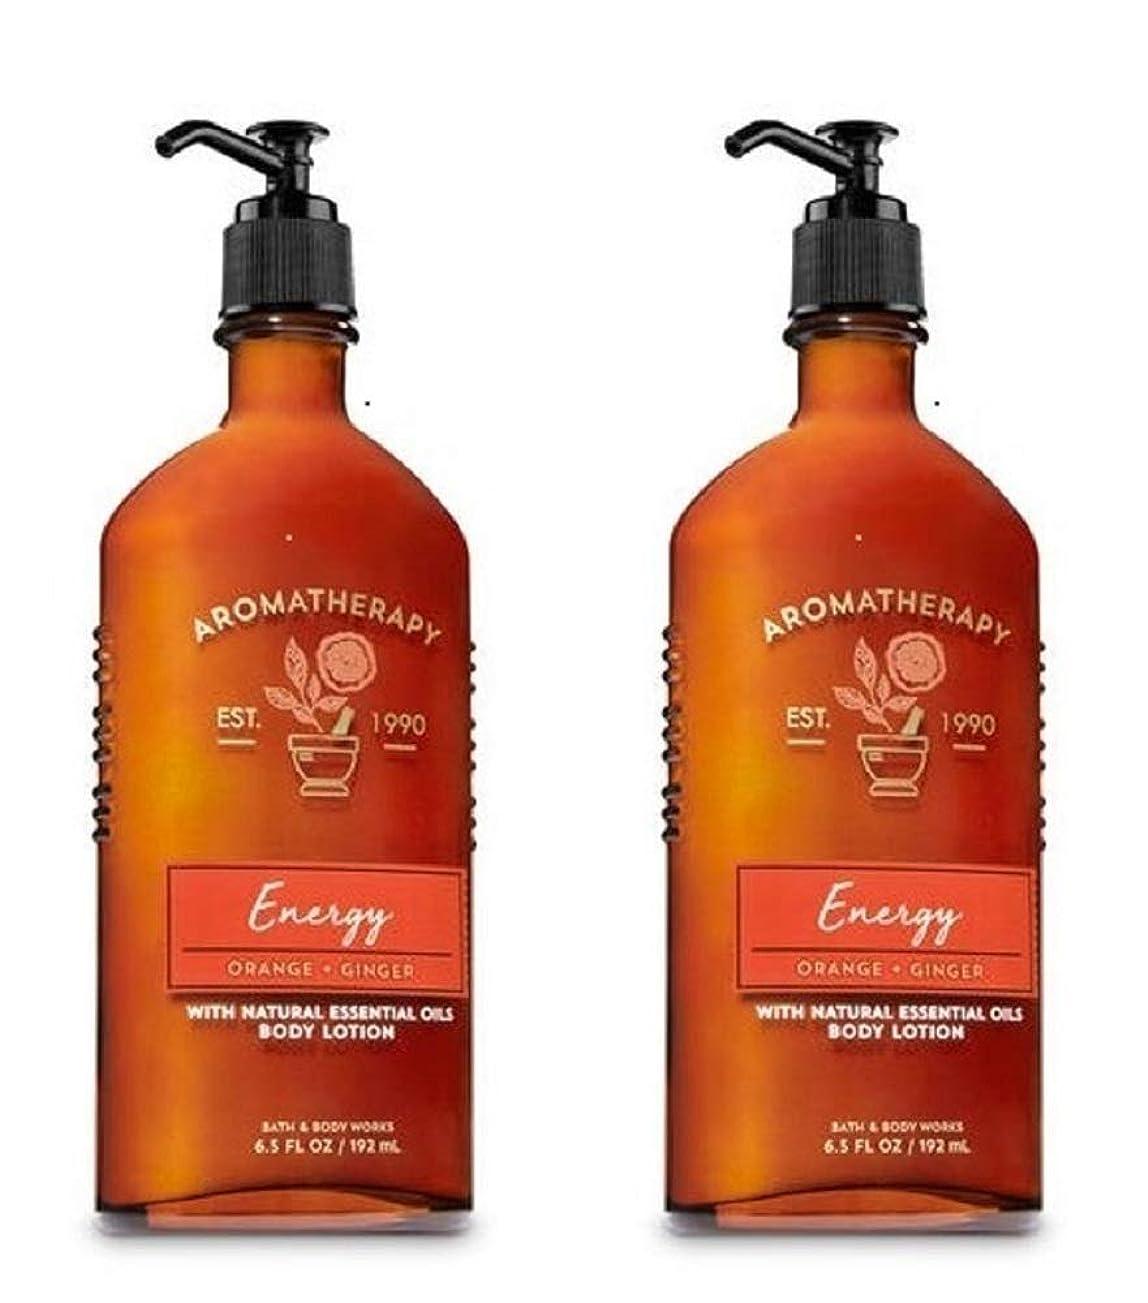 個性量でバーガーBath & Body Works アロマエナジー - オレンジ+ジンジャーボディローション、6.5液量オンス、2枚組